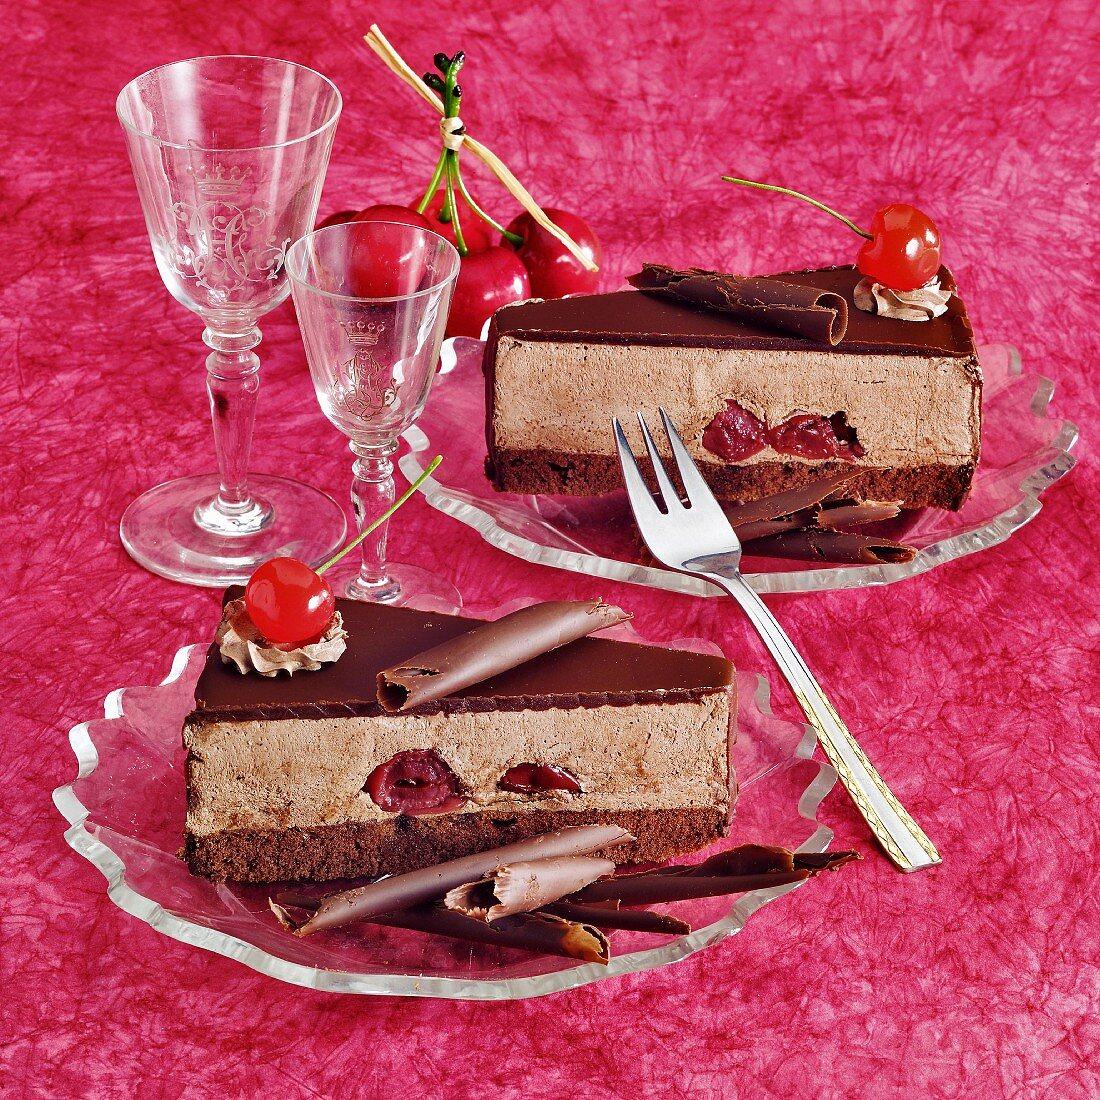 Hungarian chocolate cherry cake (Lúdlábtorta)